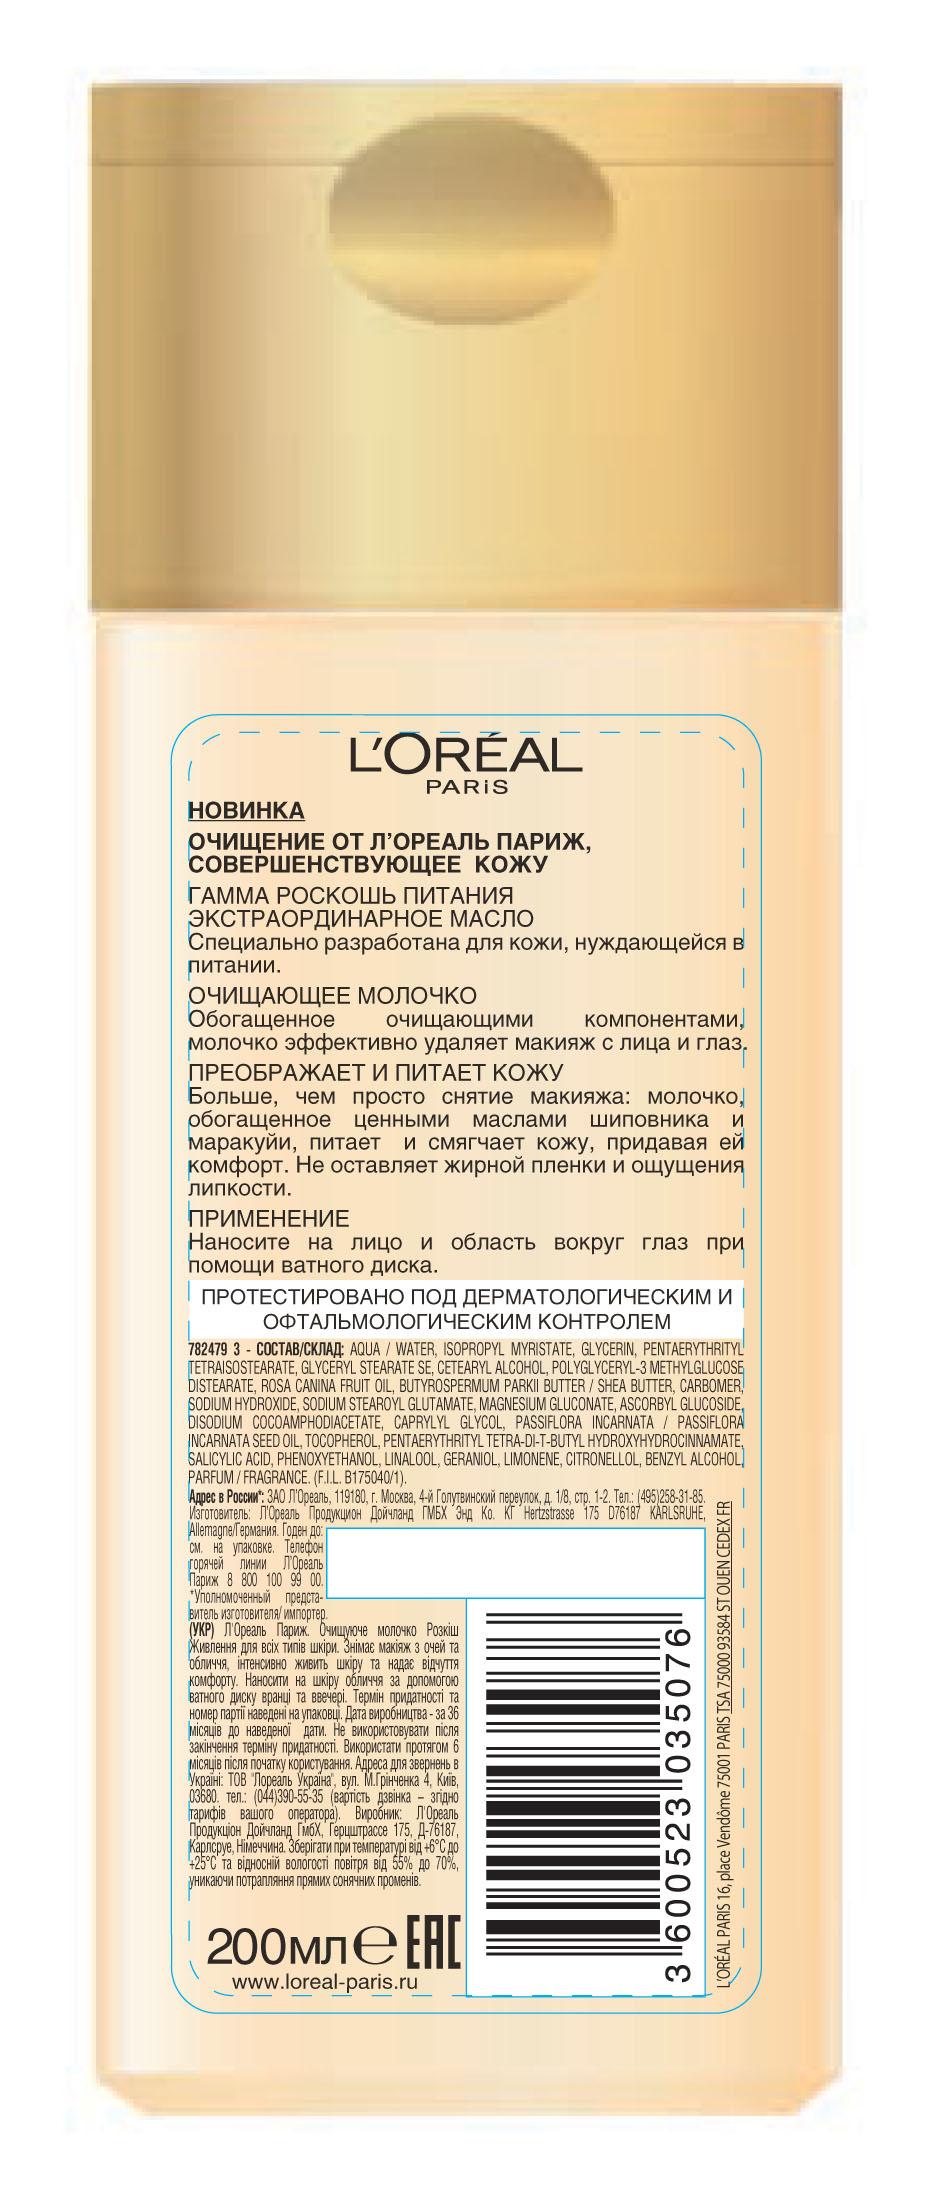 LOreal Paris Роскошь Питания Экстраординарное Масло Очищающее Молочко, Питающее Кожу, 200 мл